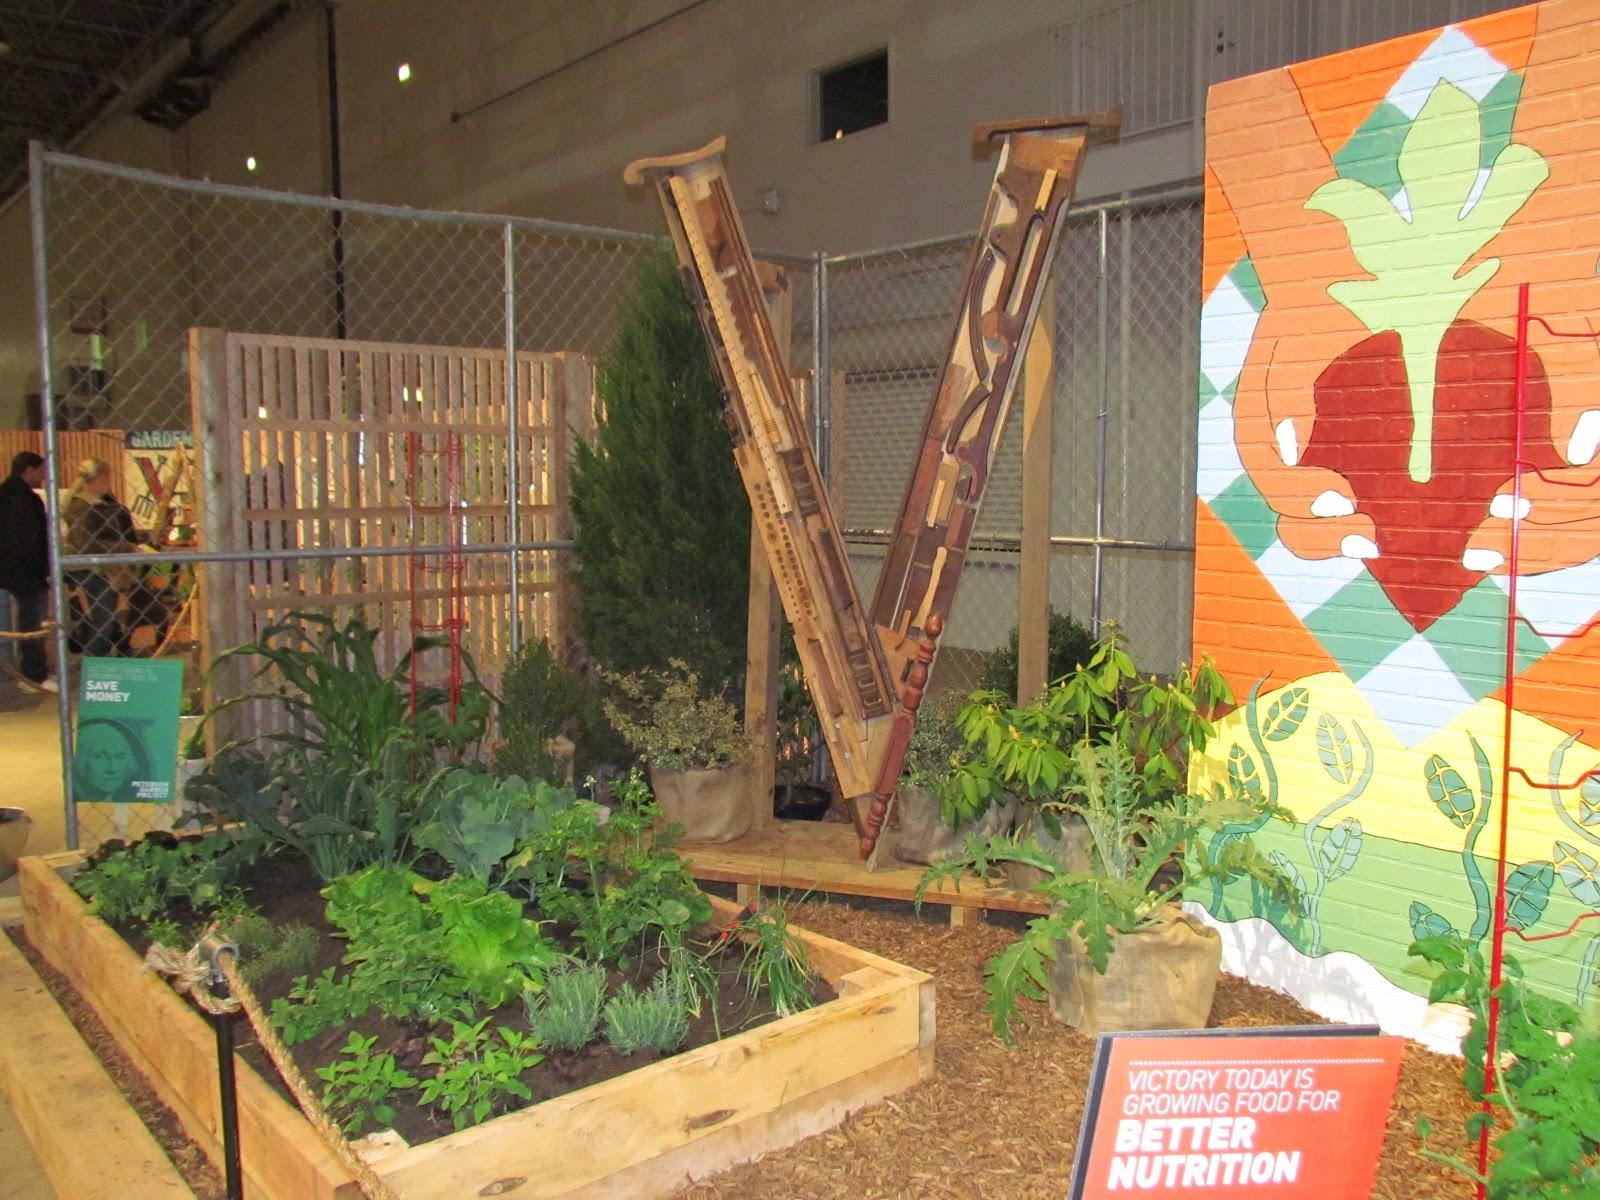 Bwisegardening Chicago Flower And Garden Show